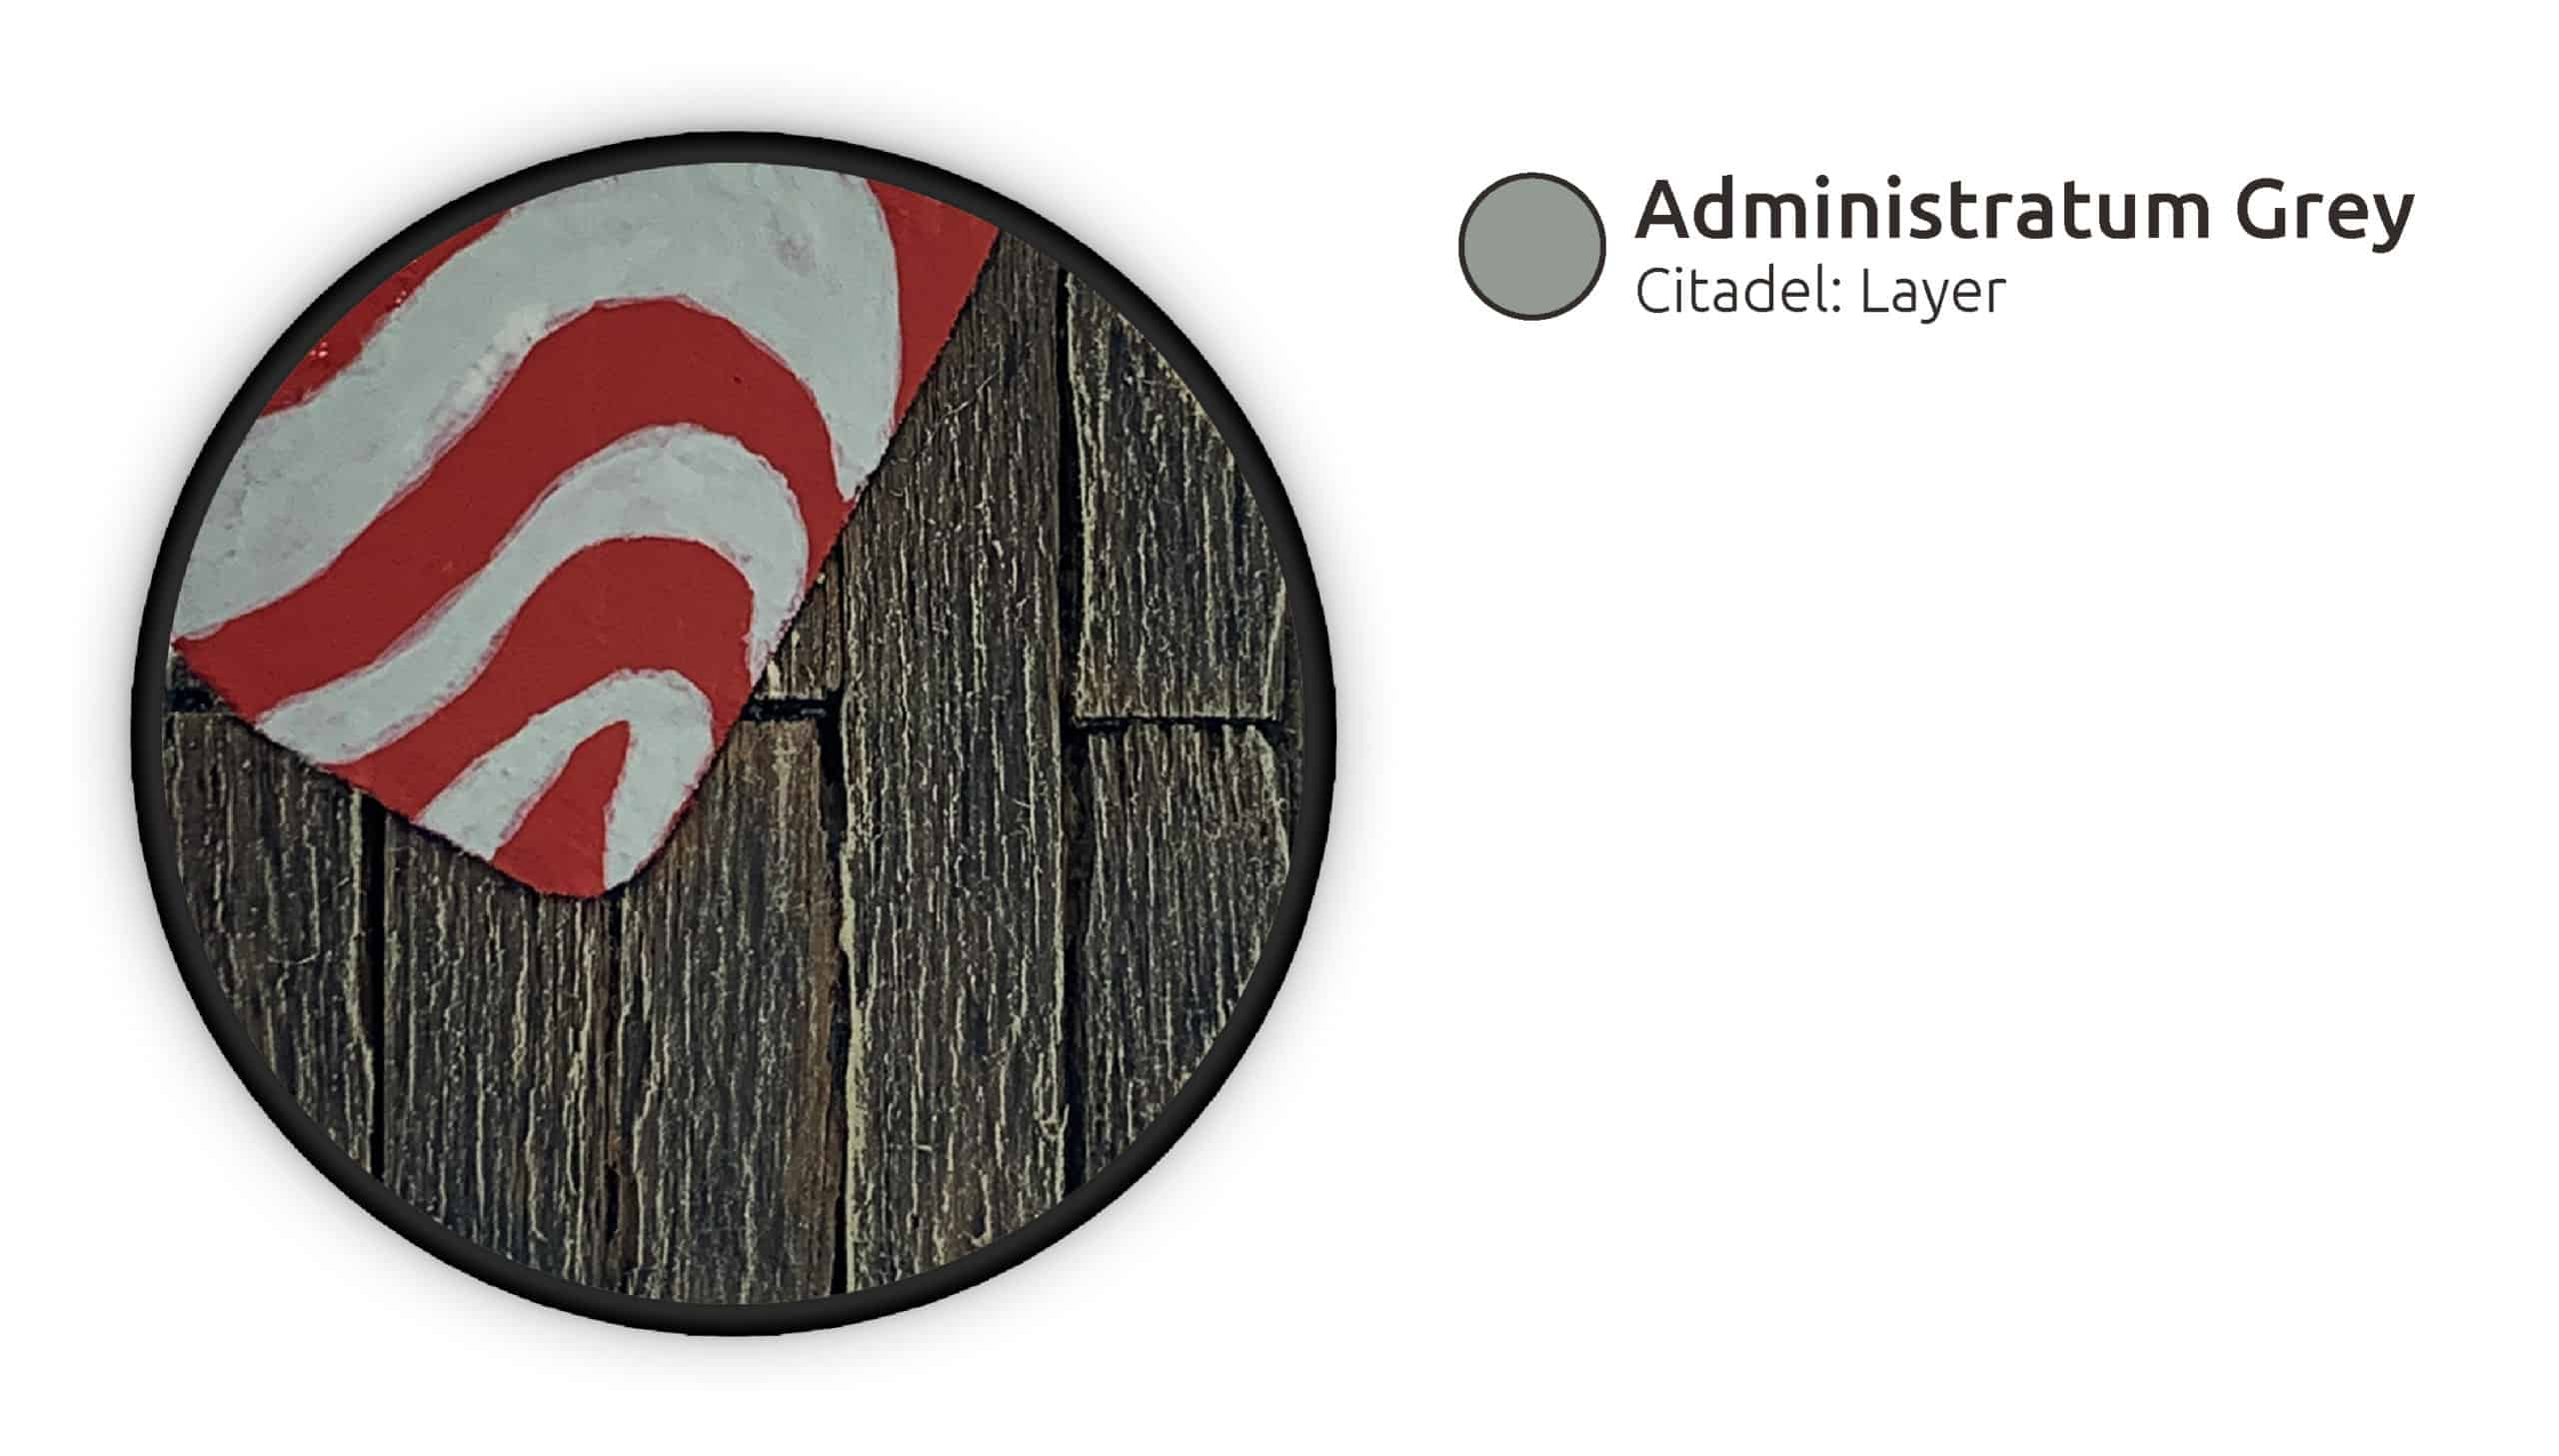 Administratum Grey wird in einem Zebrastreifen-Muster aufgemalt.